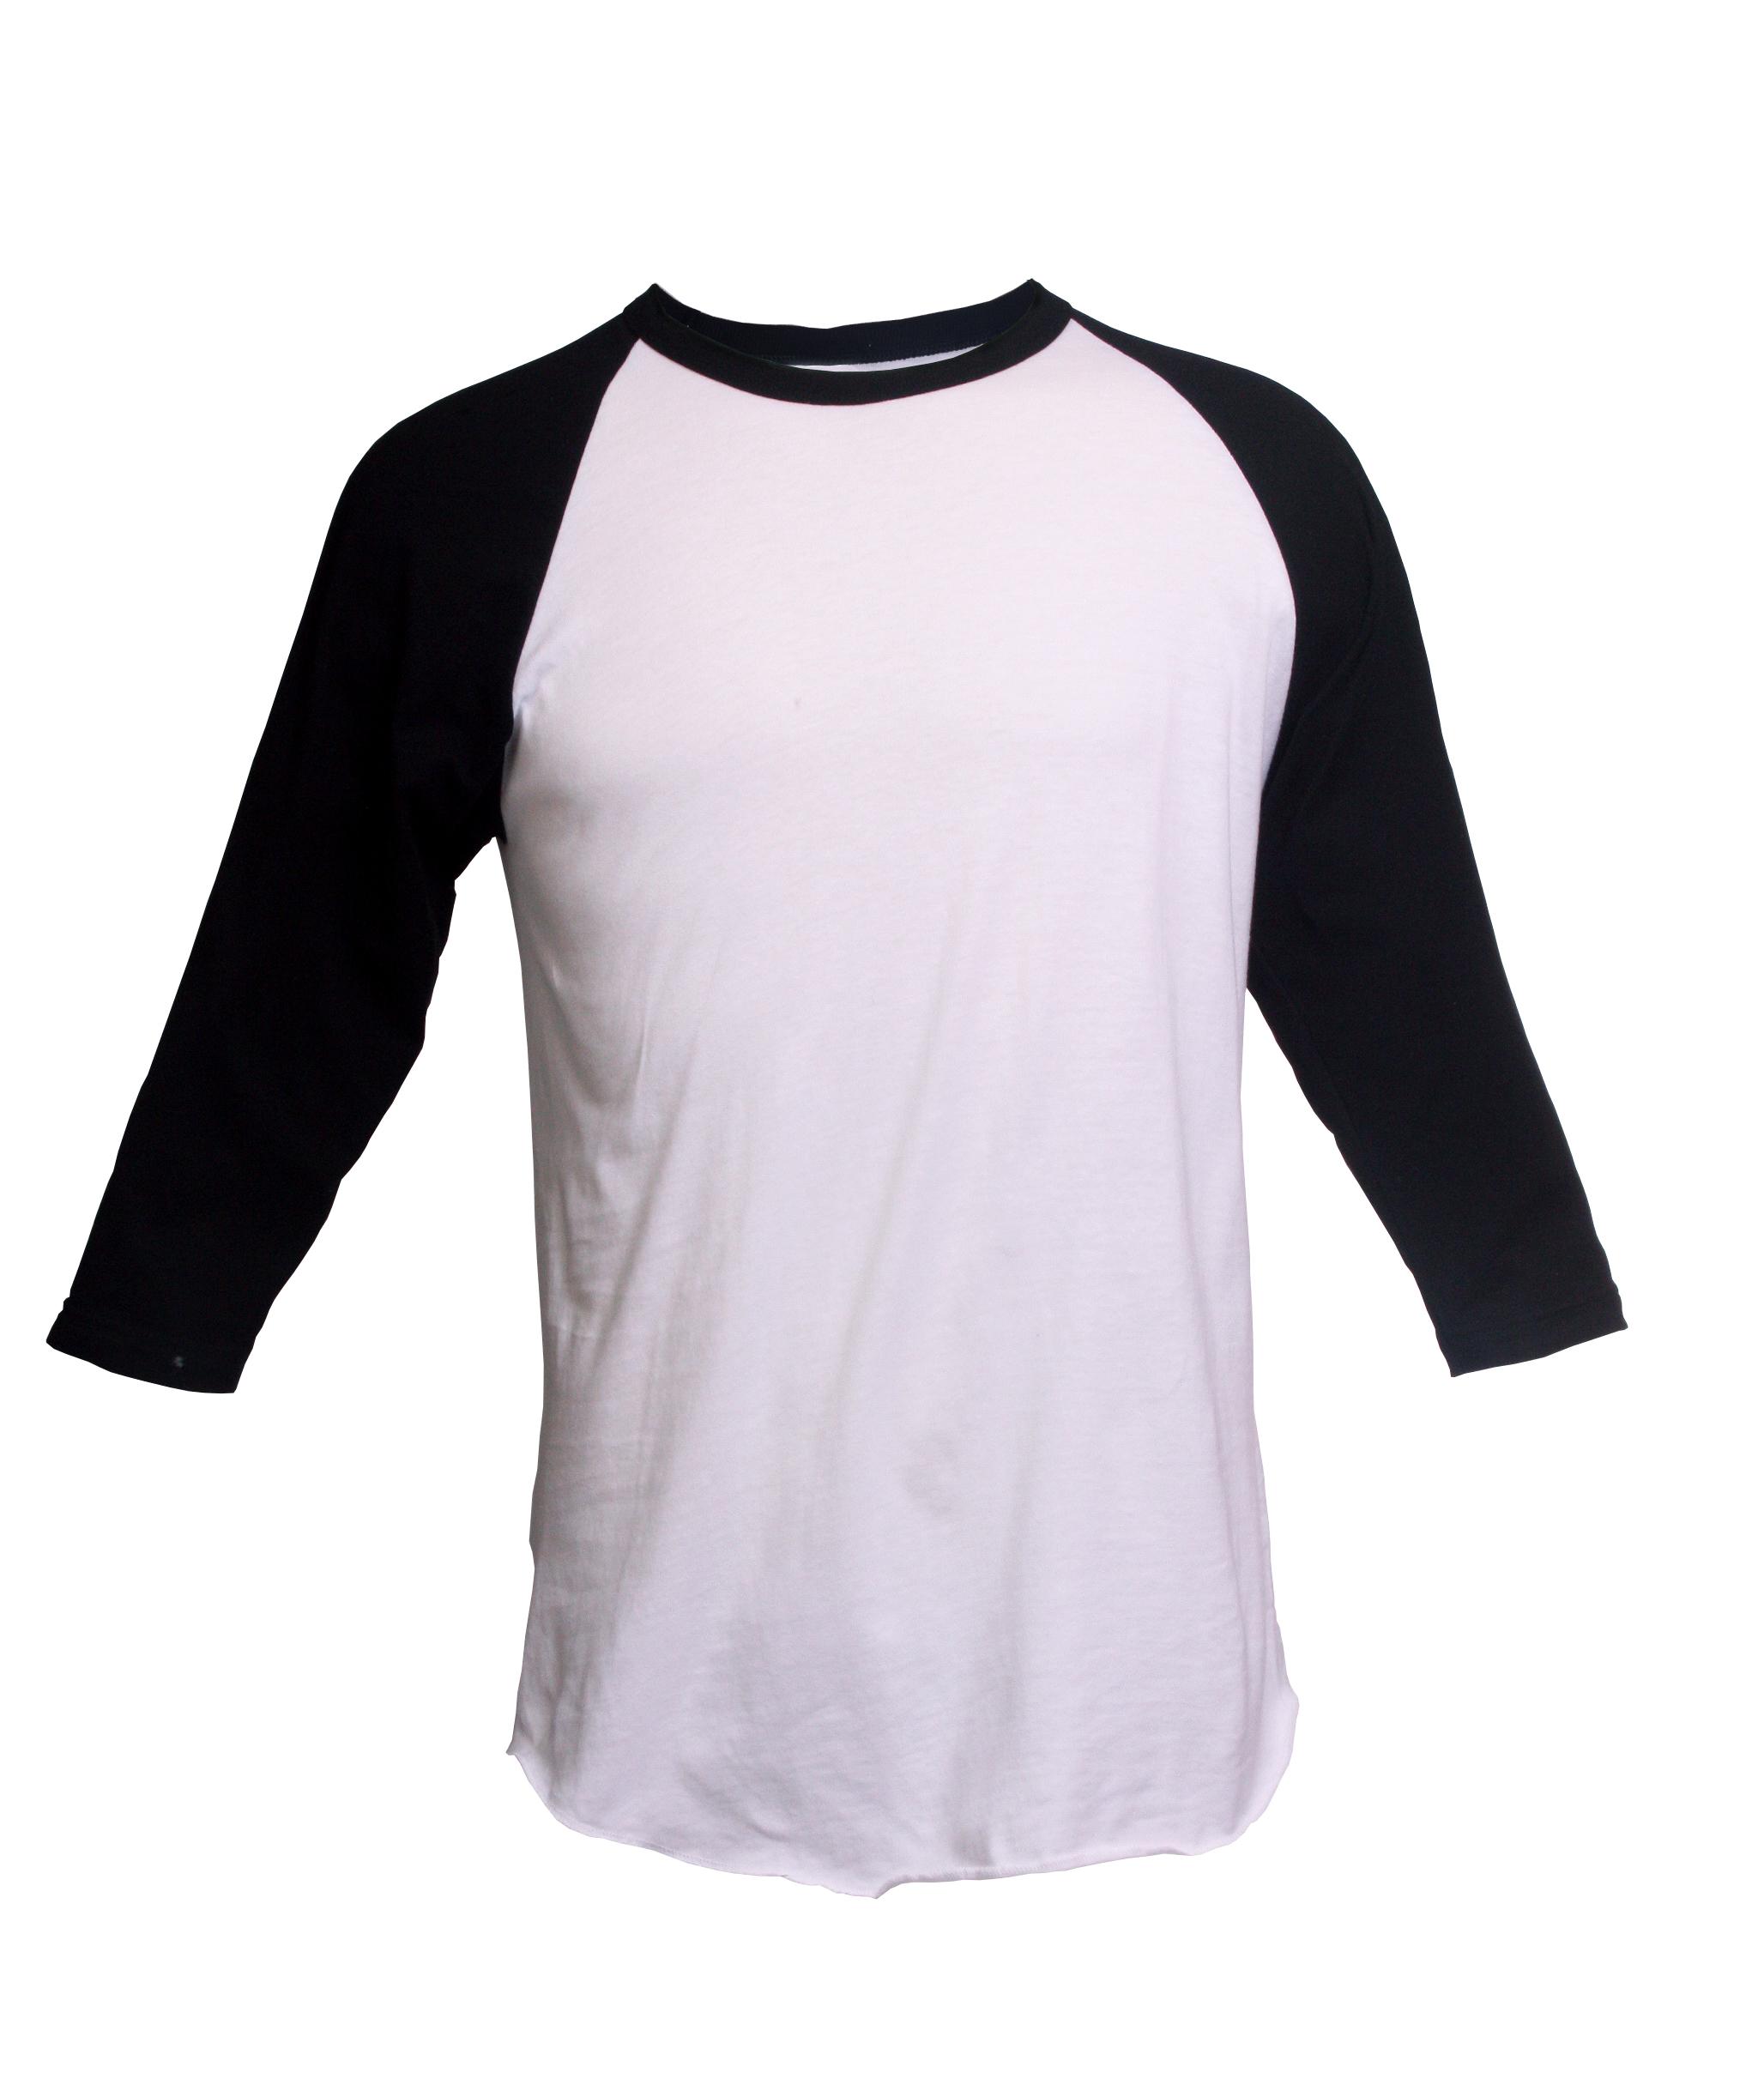 Women S Black V Neck Shirt